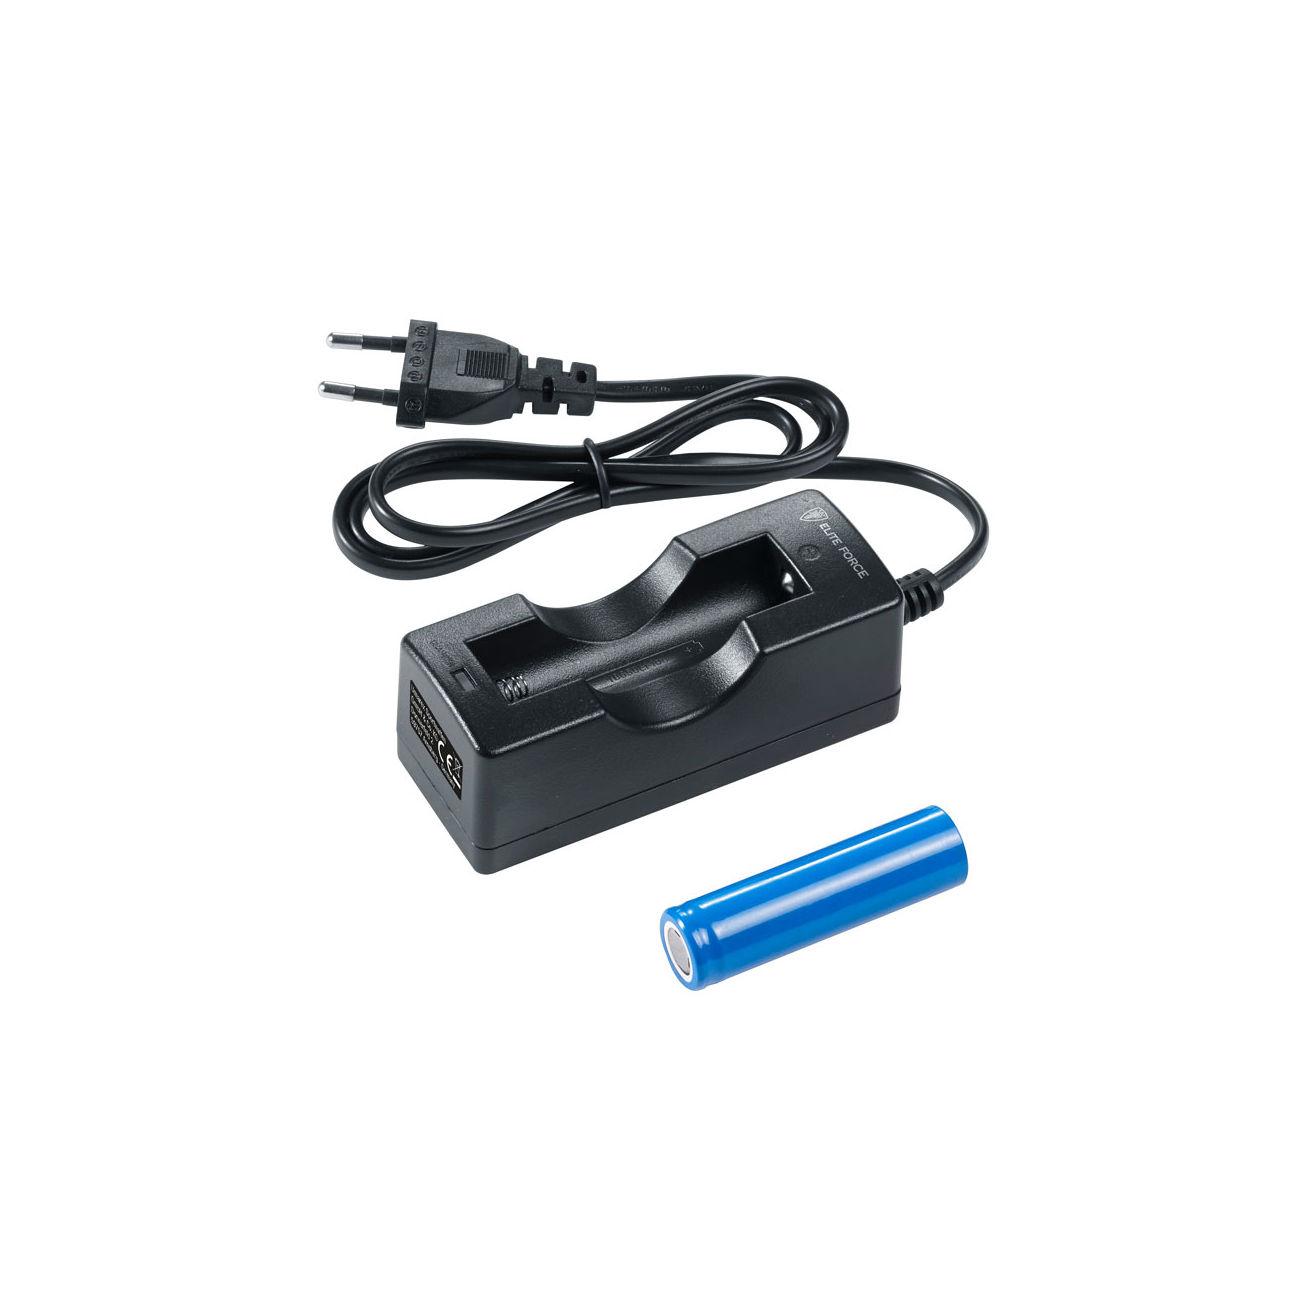 elite force charger kit f r rcr 123 batterien g nstig kaufen kotte zeller. Black Bedroom Furniture Sets. Home Design Ideas